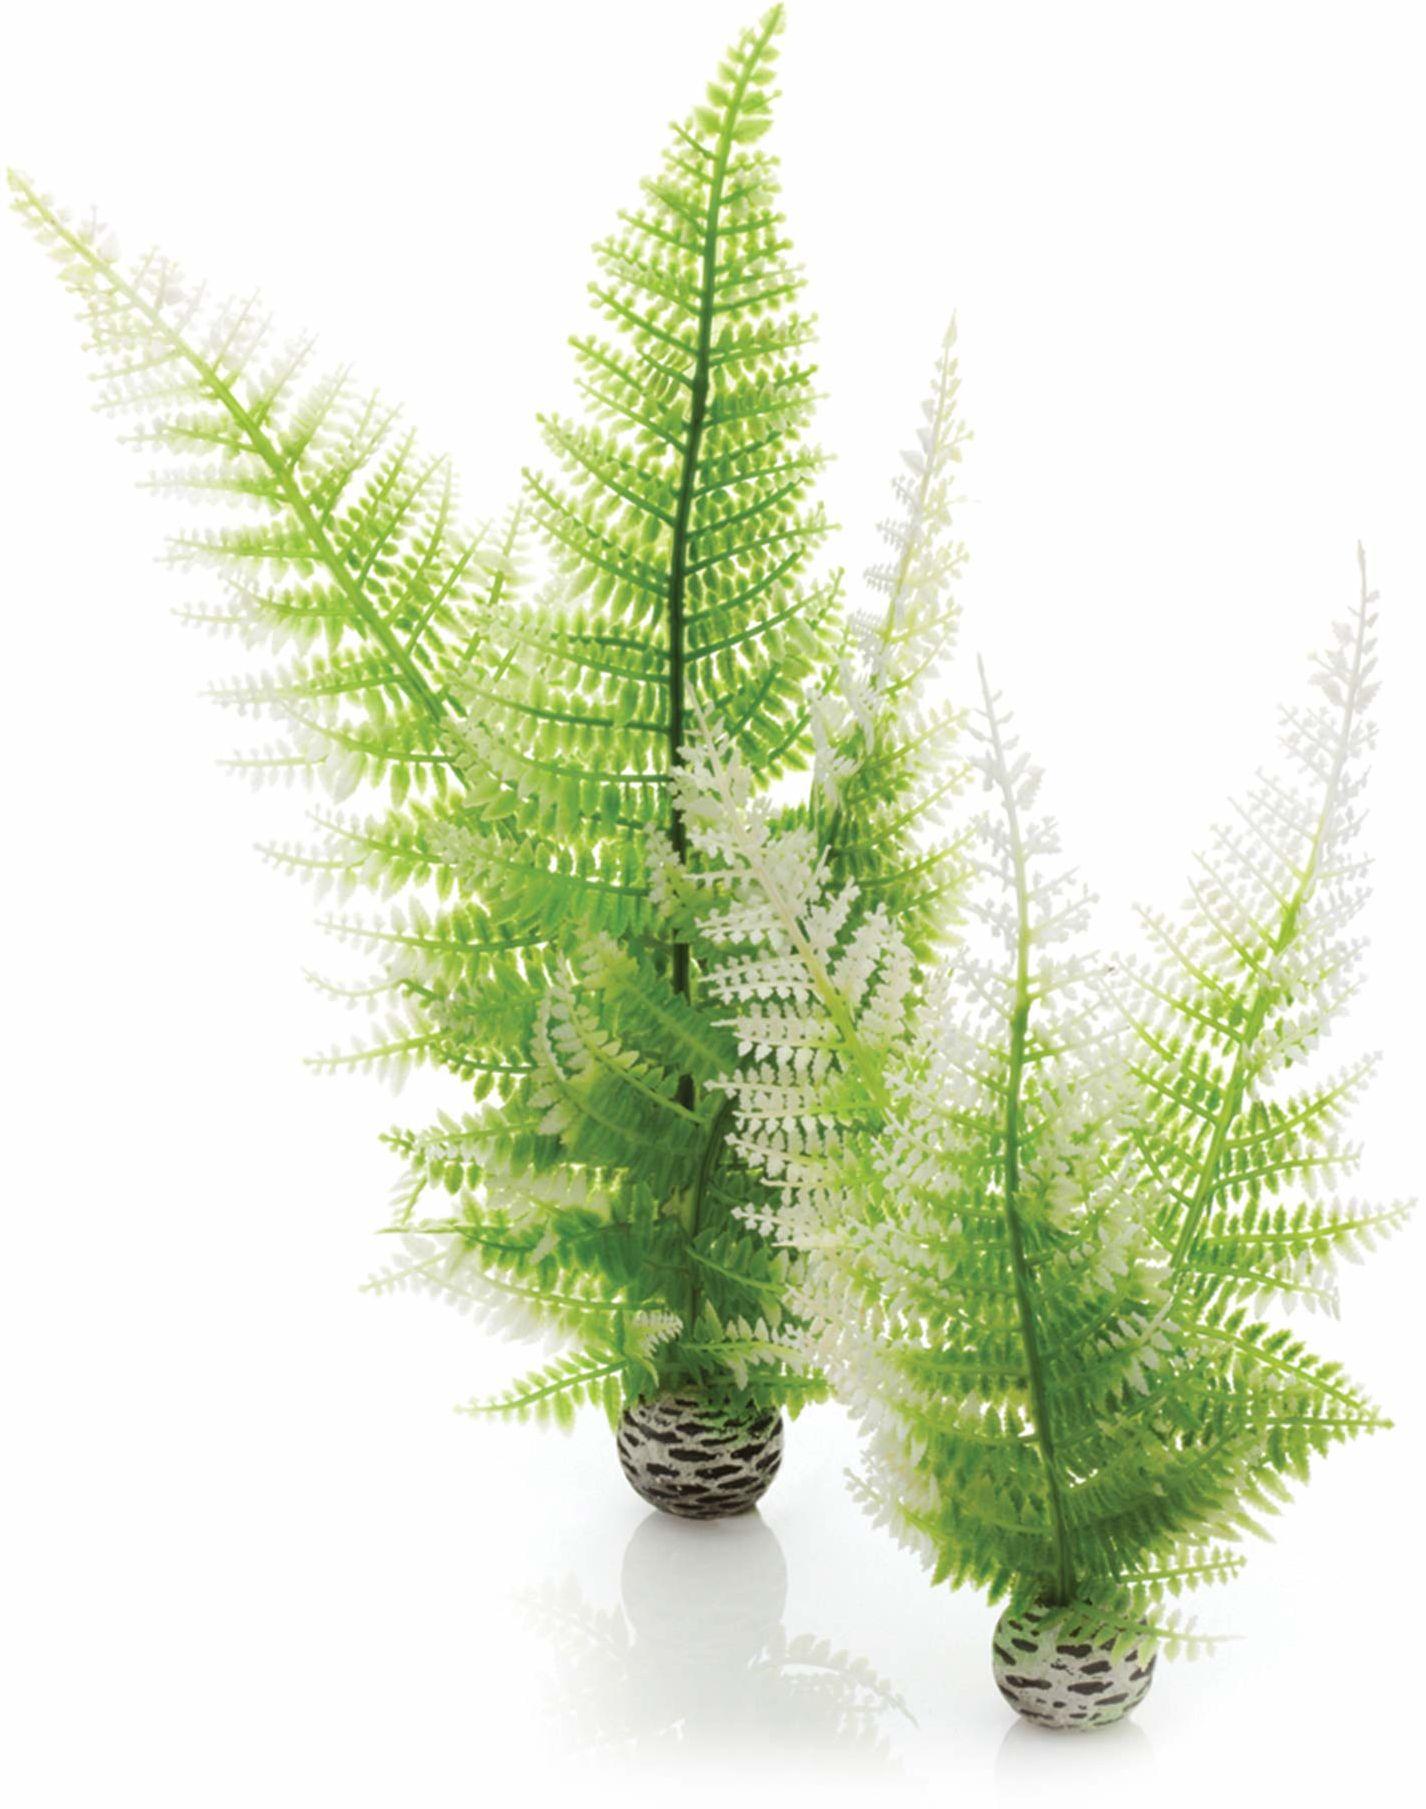 biOrb 46066 Paproć zimowa zestaw 2 rośliny akwariowe dekoracja akcesoria